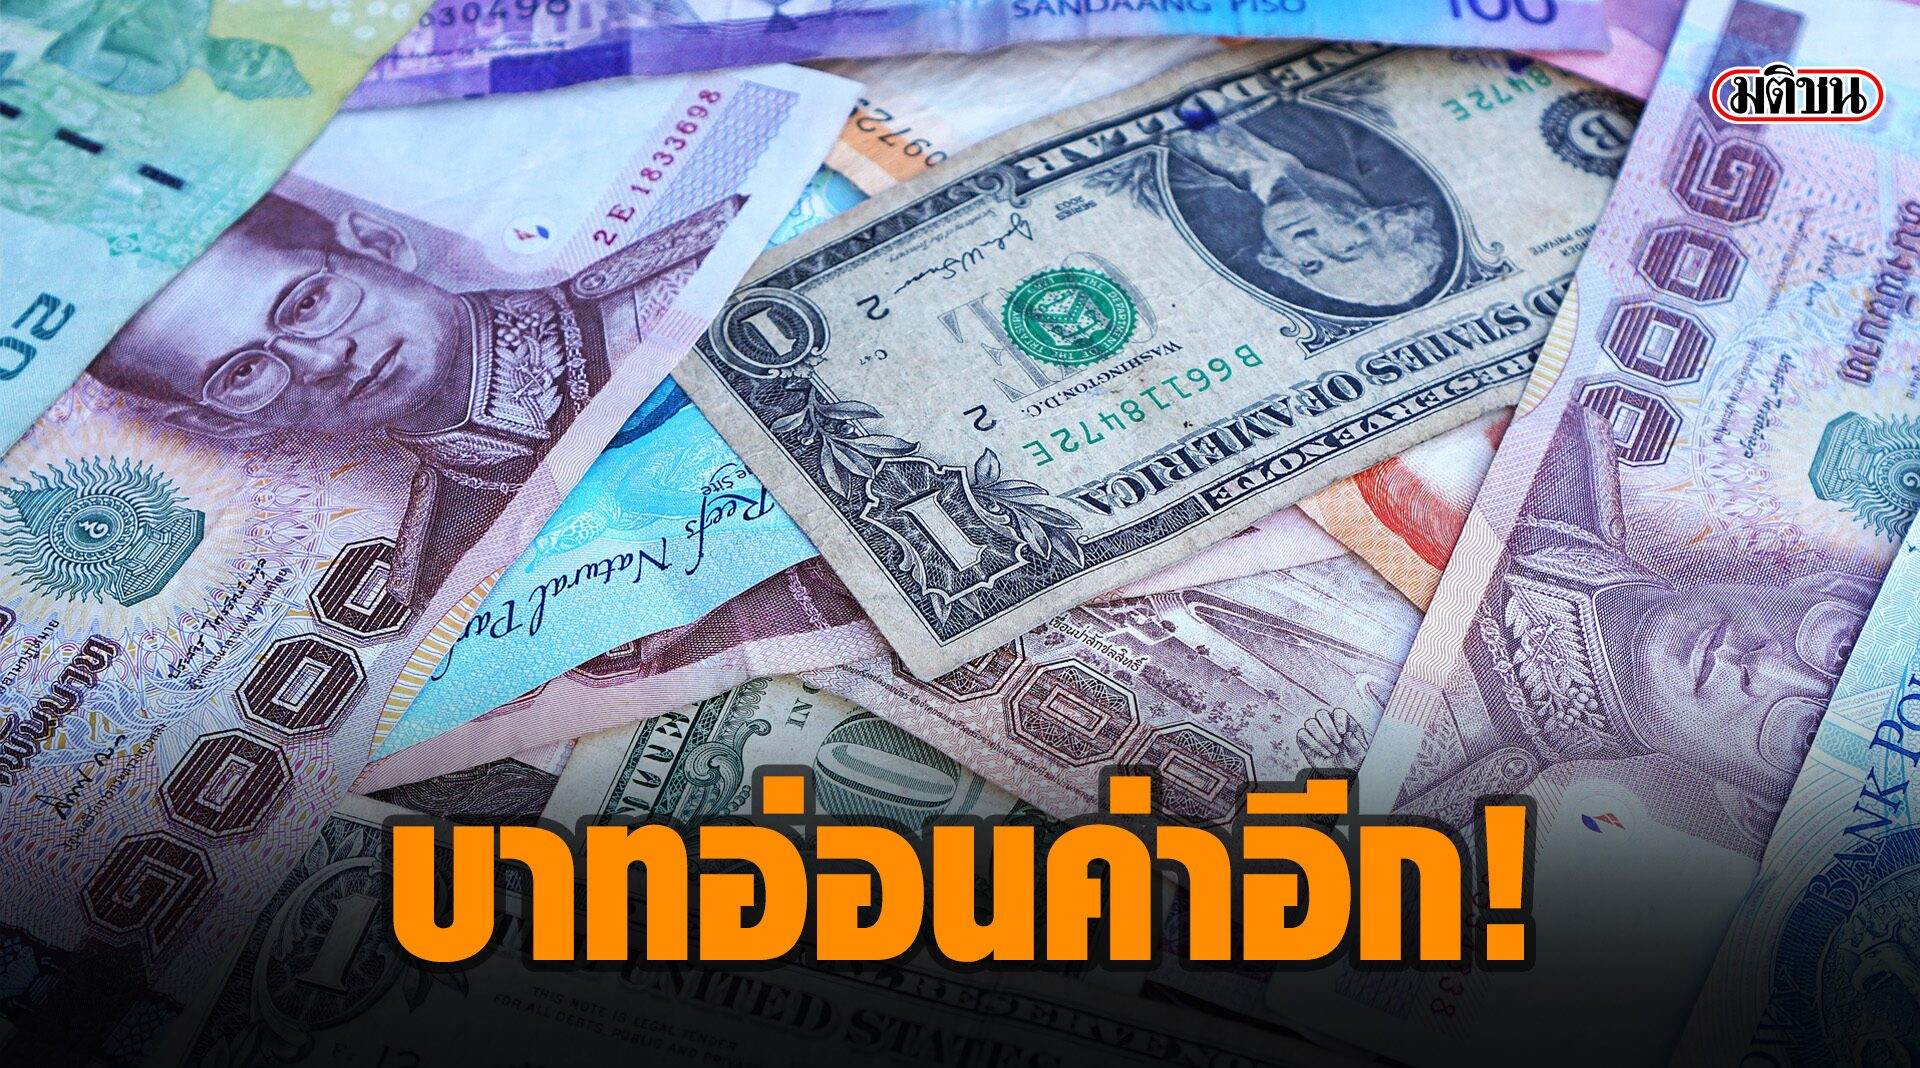 เงินบาทอ่อนค่าอีกครั้ง นักลงทุนรอผลธปท.เติมมาตรการ ระยะสั้นแห่ถือเงินสด